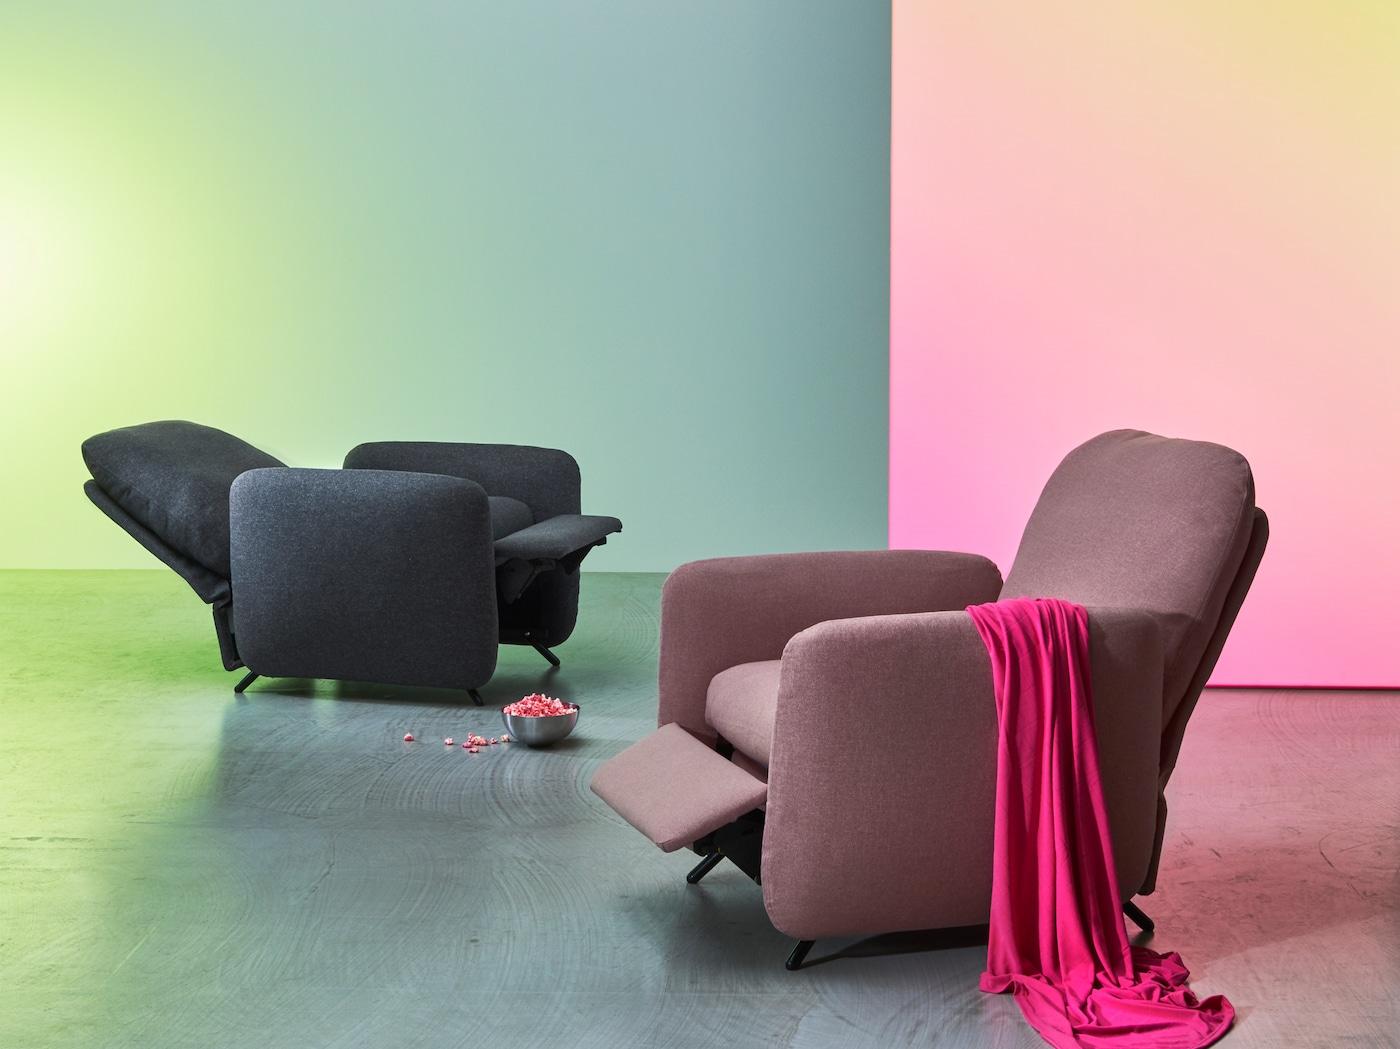 Dos sillones reclinables EKOLSUND con reposapiés integrados, uno en gris y otro en rosa/marrón, en diferentes posiciones de reclinación.